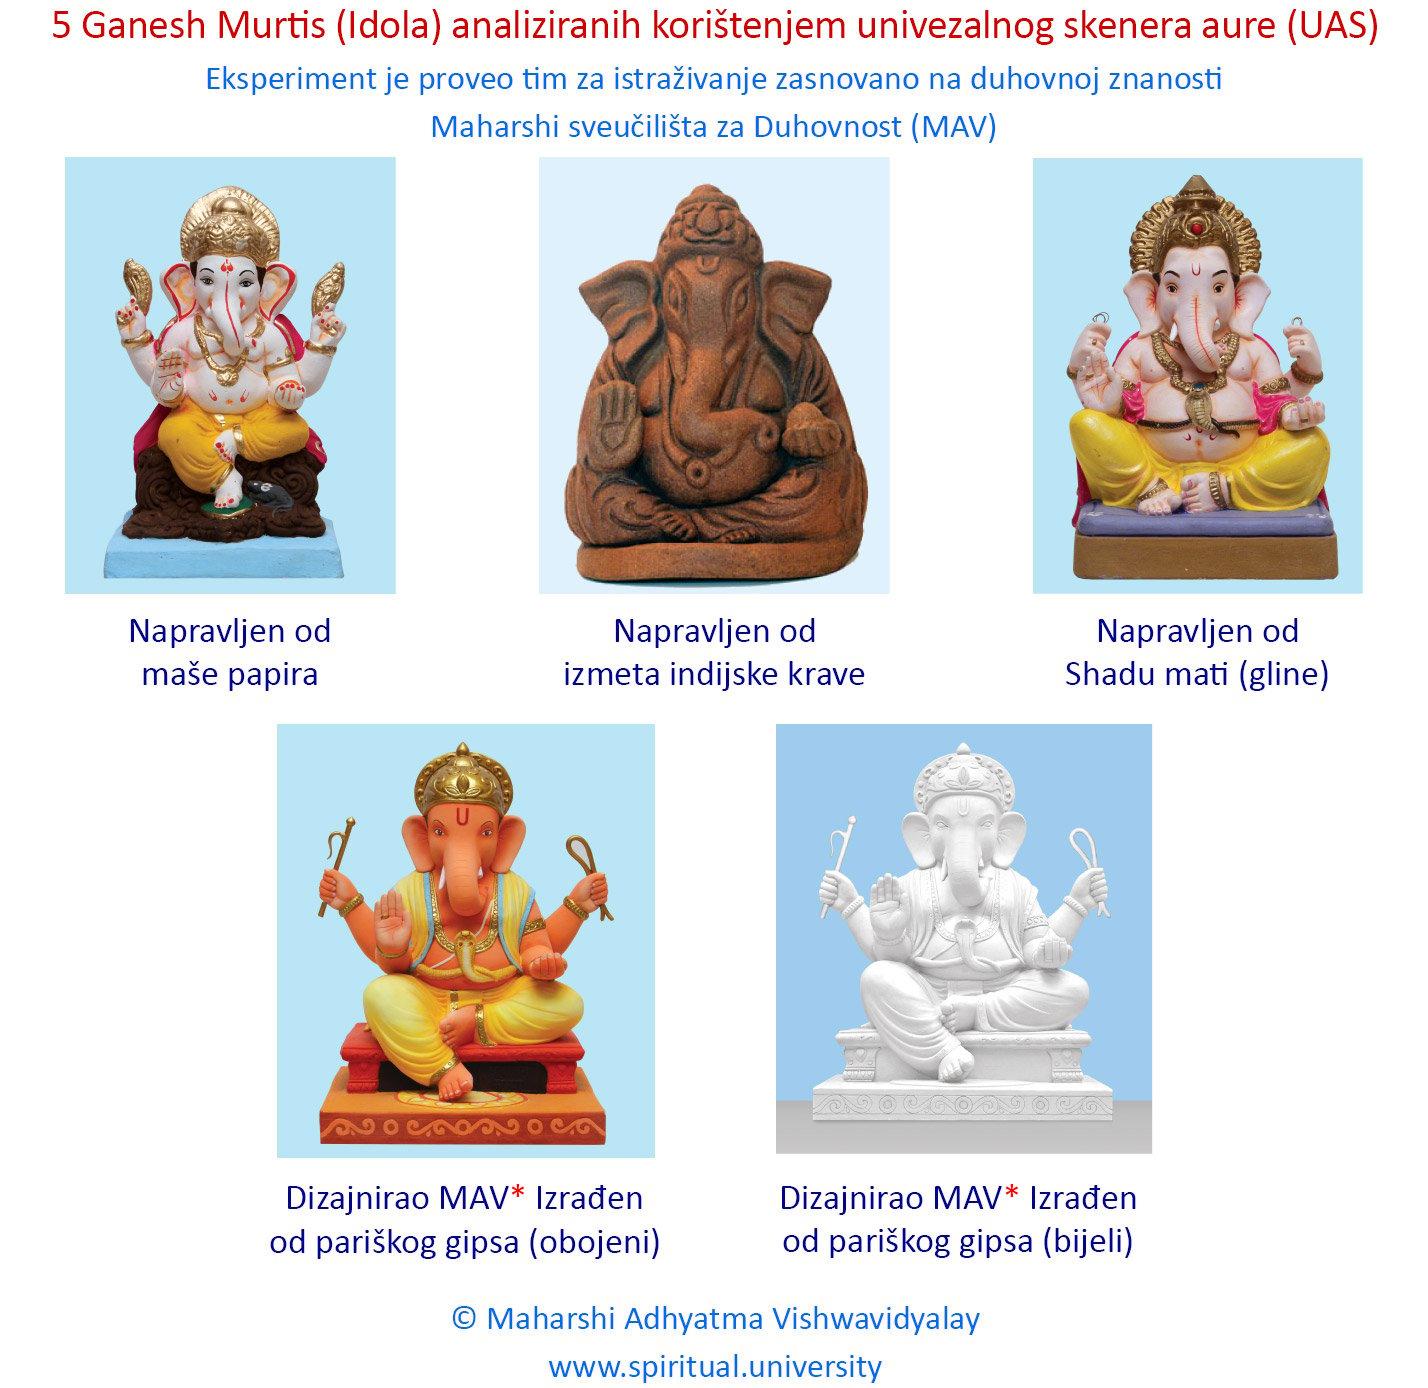 Jesu li svi ekološko prihvatljivi Shri Ganesh Murtis (Idoli) duhovno korisni?